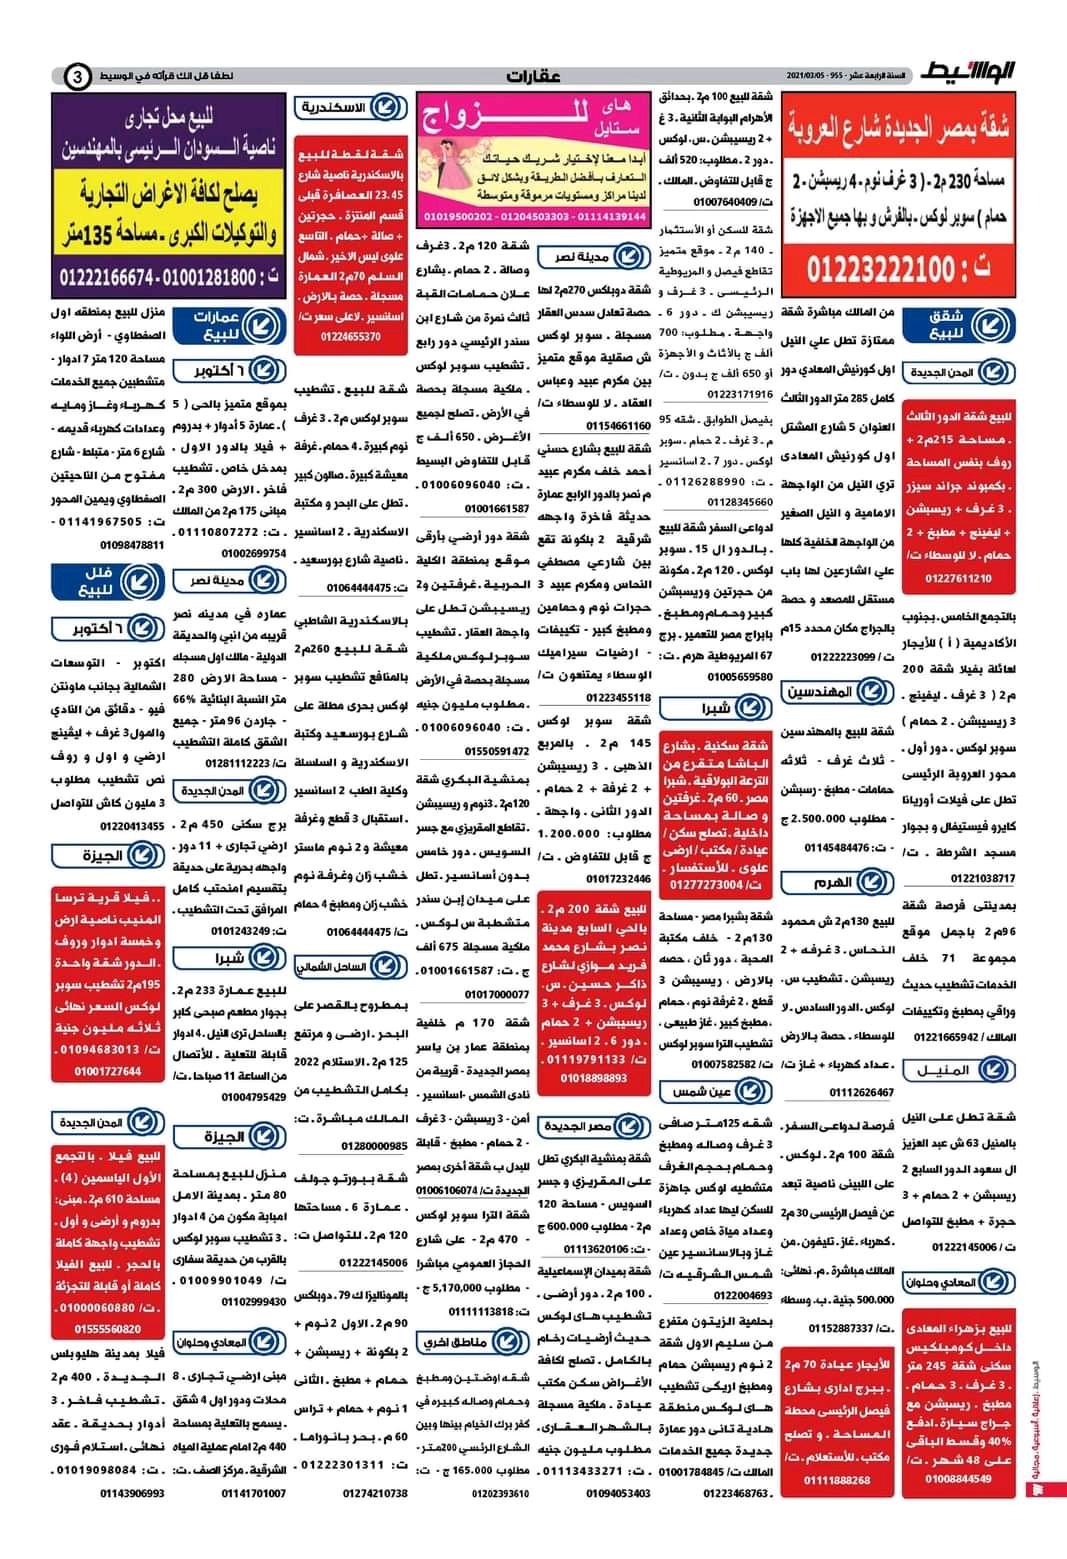 وظائف الوسيط و اعلانات مصر يوم الجمعة 5 مارس 2021